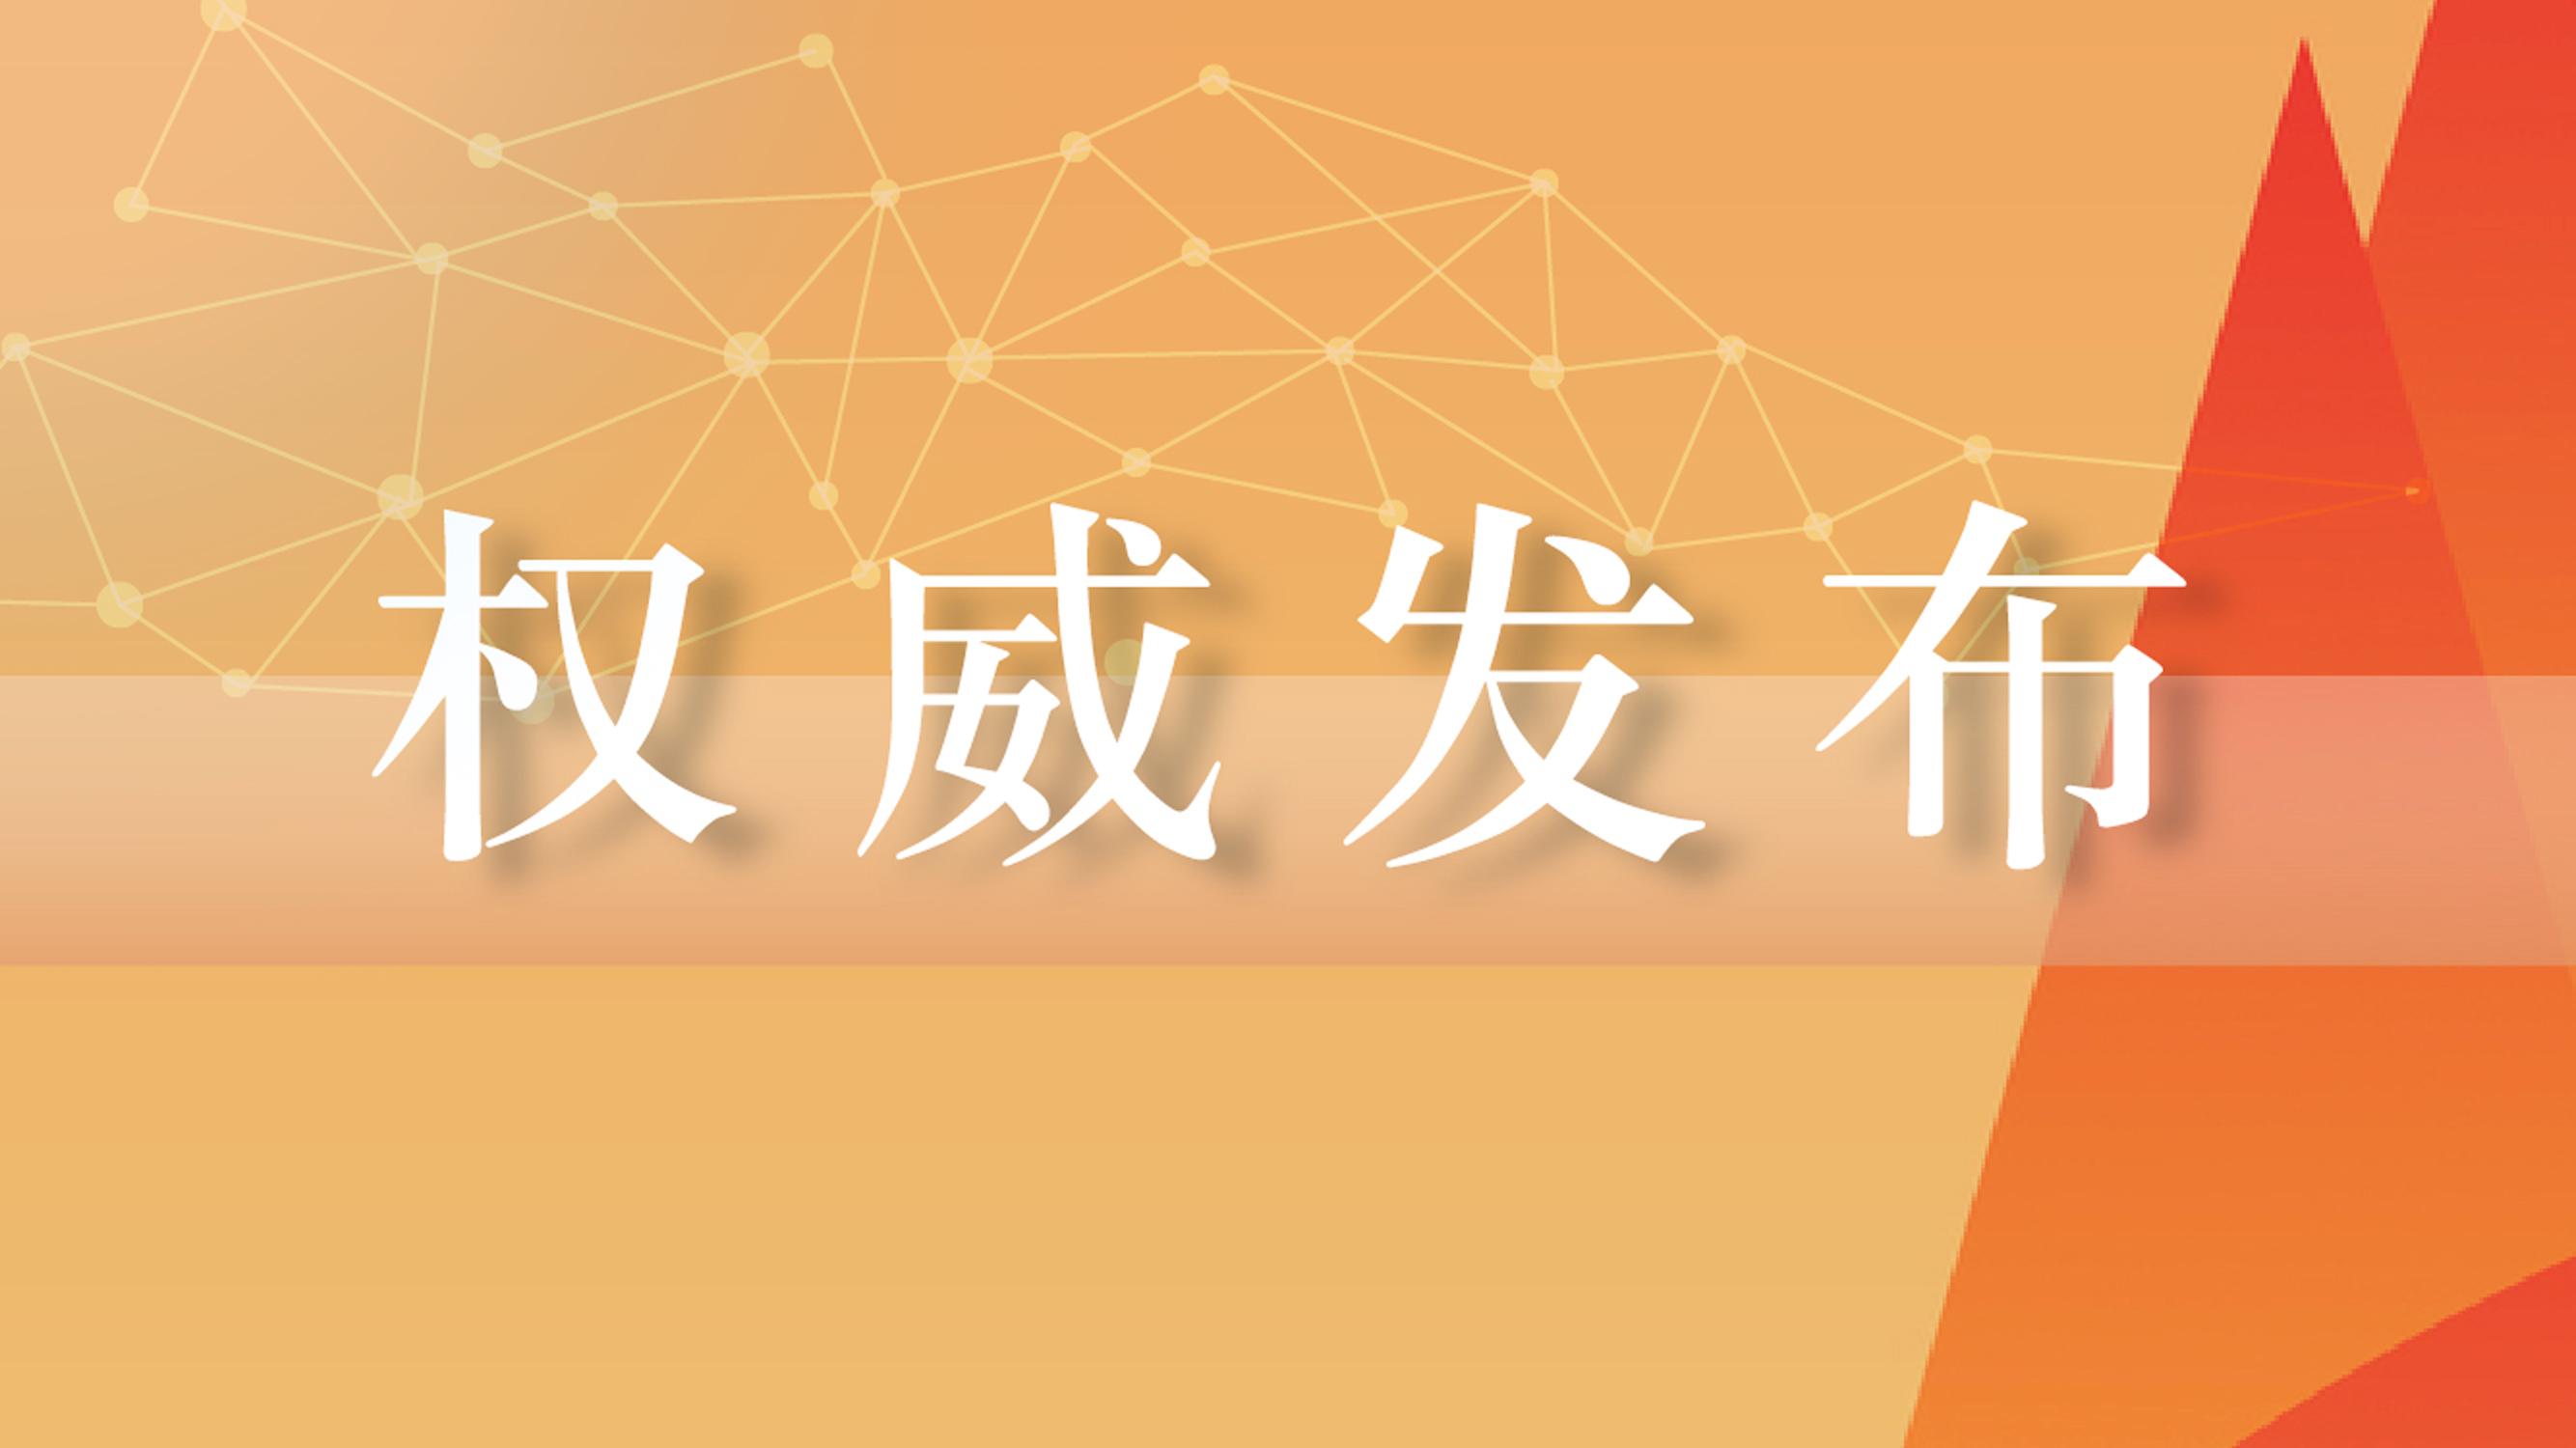 四川省供销合作社联合社总会计师郭云 接受纪律审查和监察调查